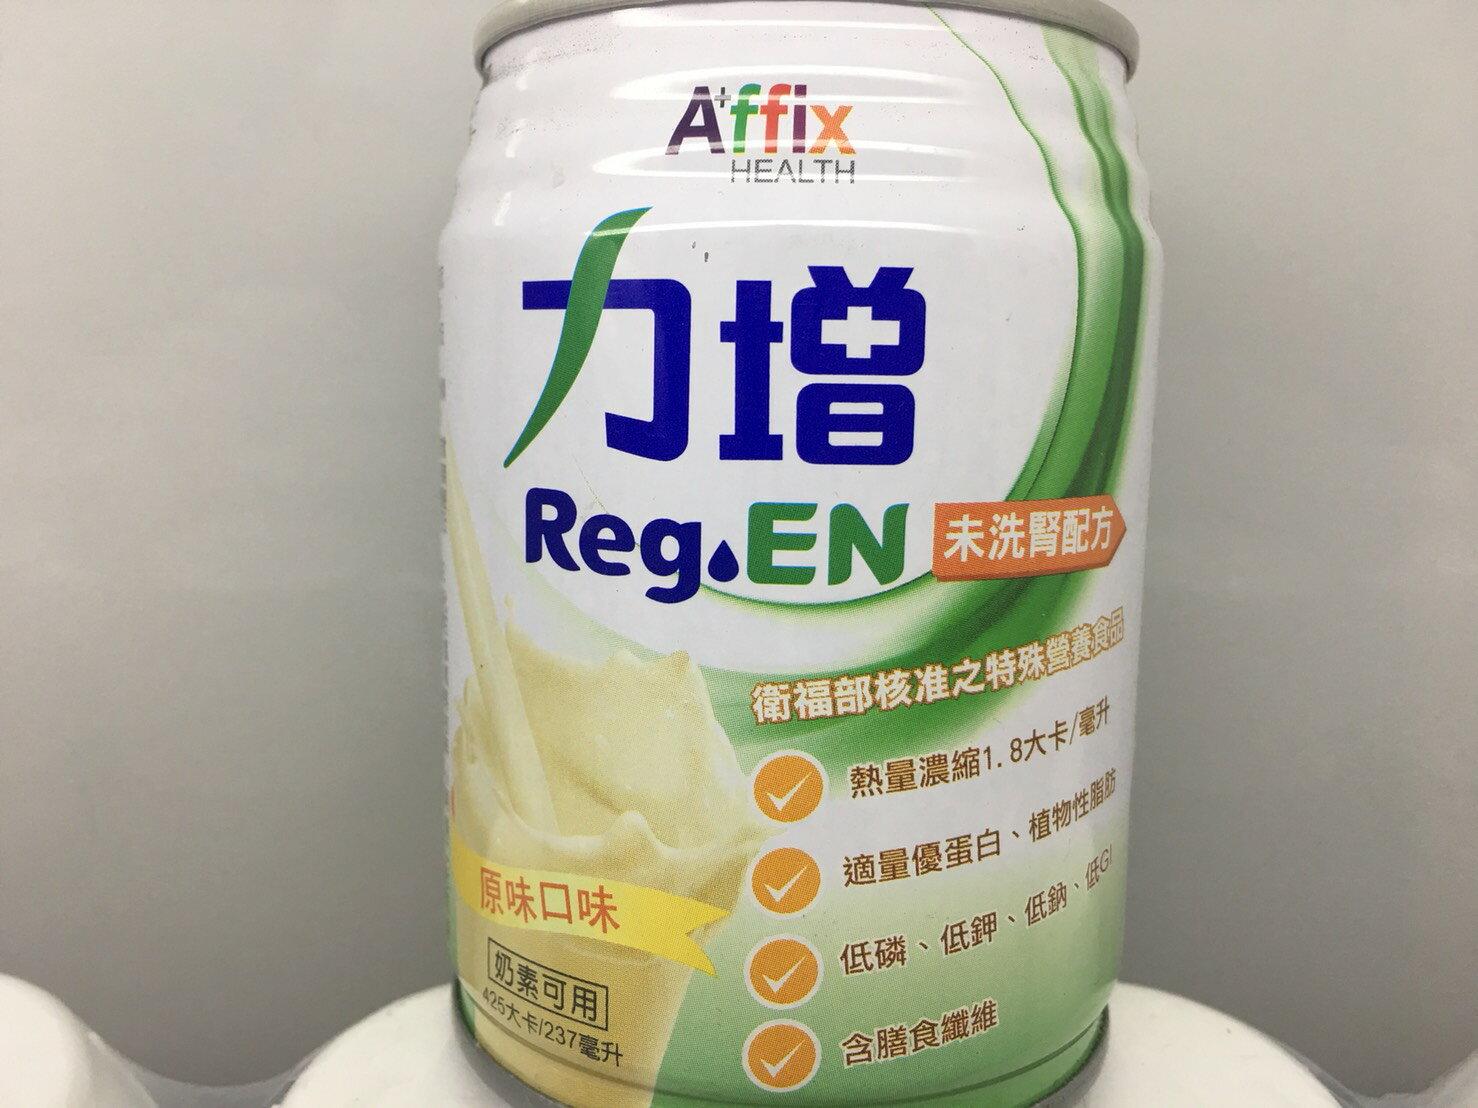 力增未洗腎配方-10%蛋白原味配方 含膳食纖維 支鏈胺基酸 D3可管灌 425大卡 低磷鉀鈉似亞培腎補納